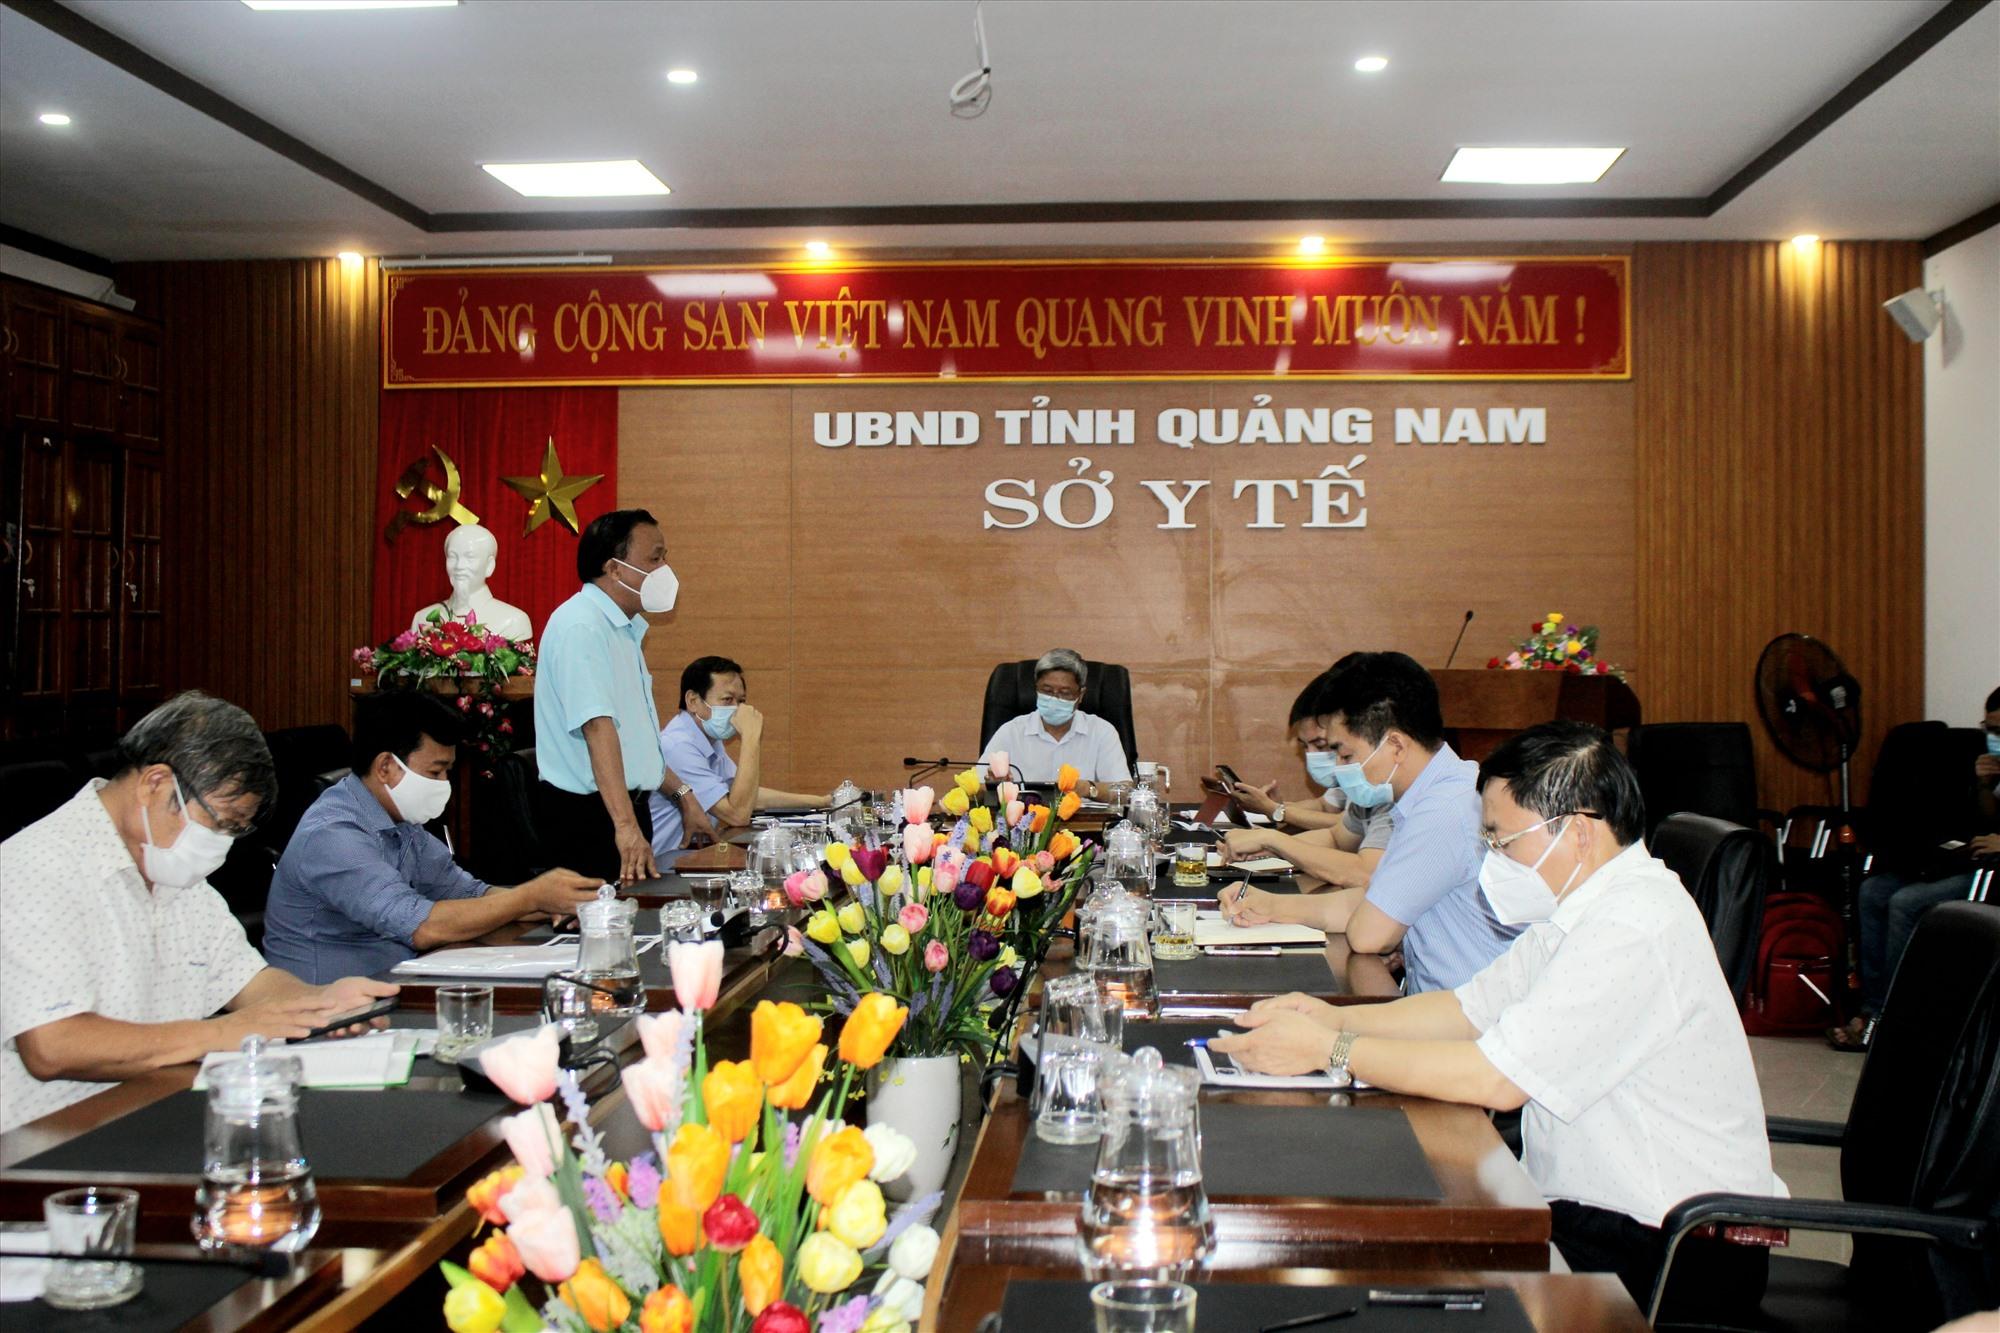 Thứ trưởng Bộ Y tế Nguyễn Trường làm việc tại Sở Y tế chiều ngày 20.8